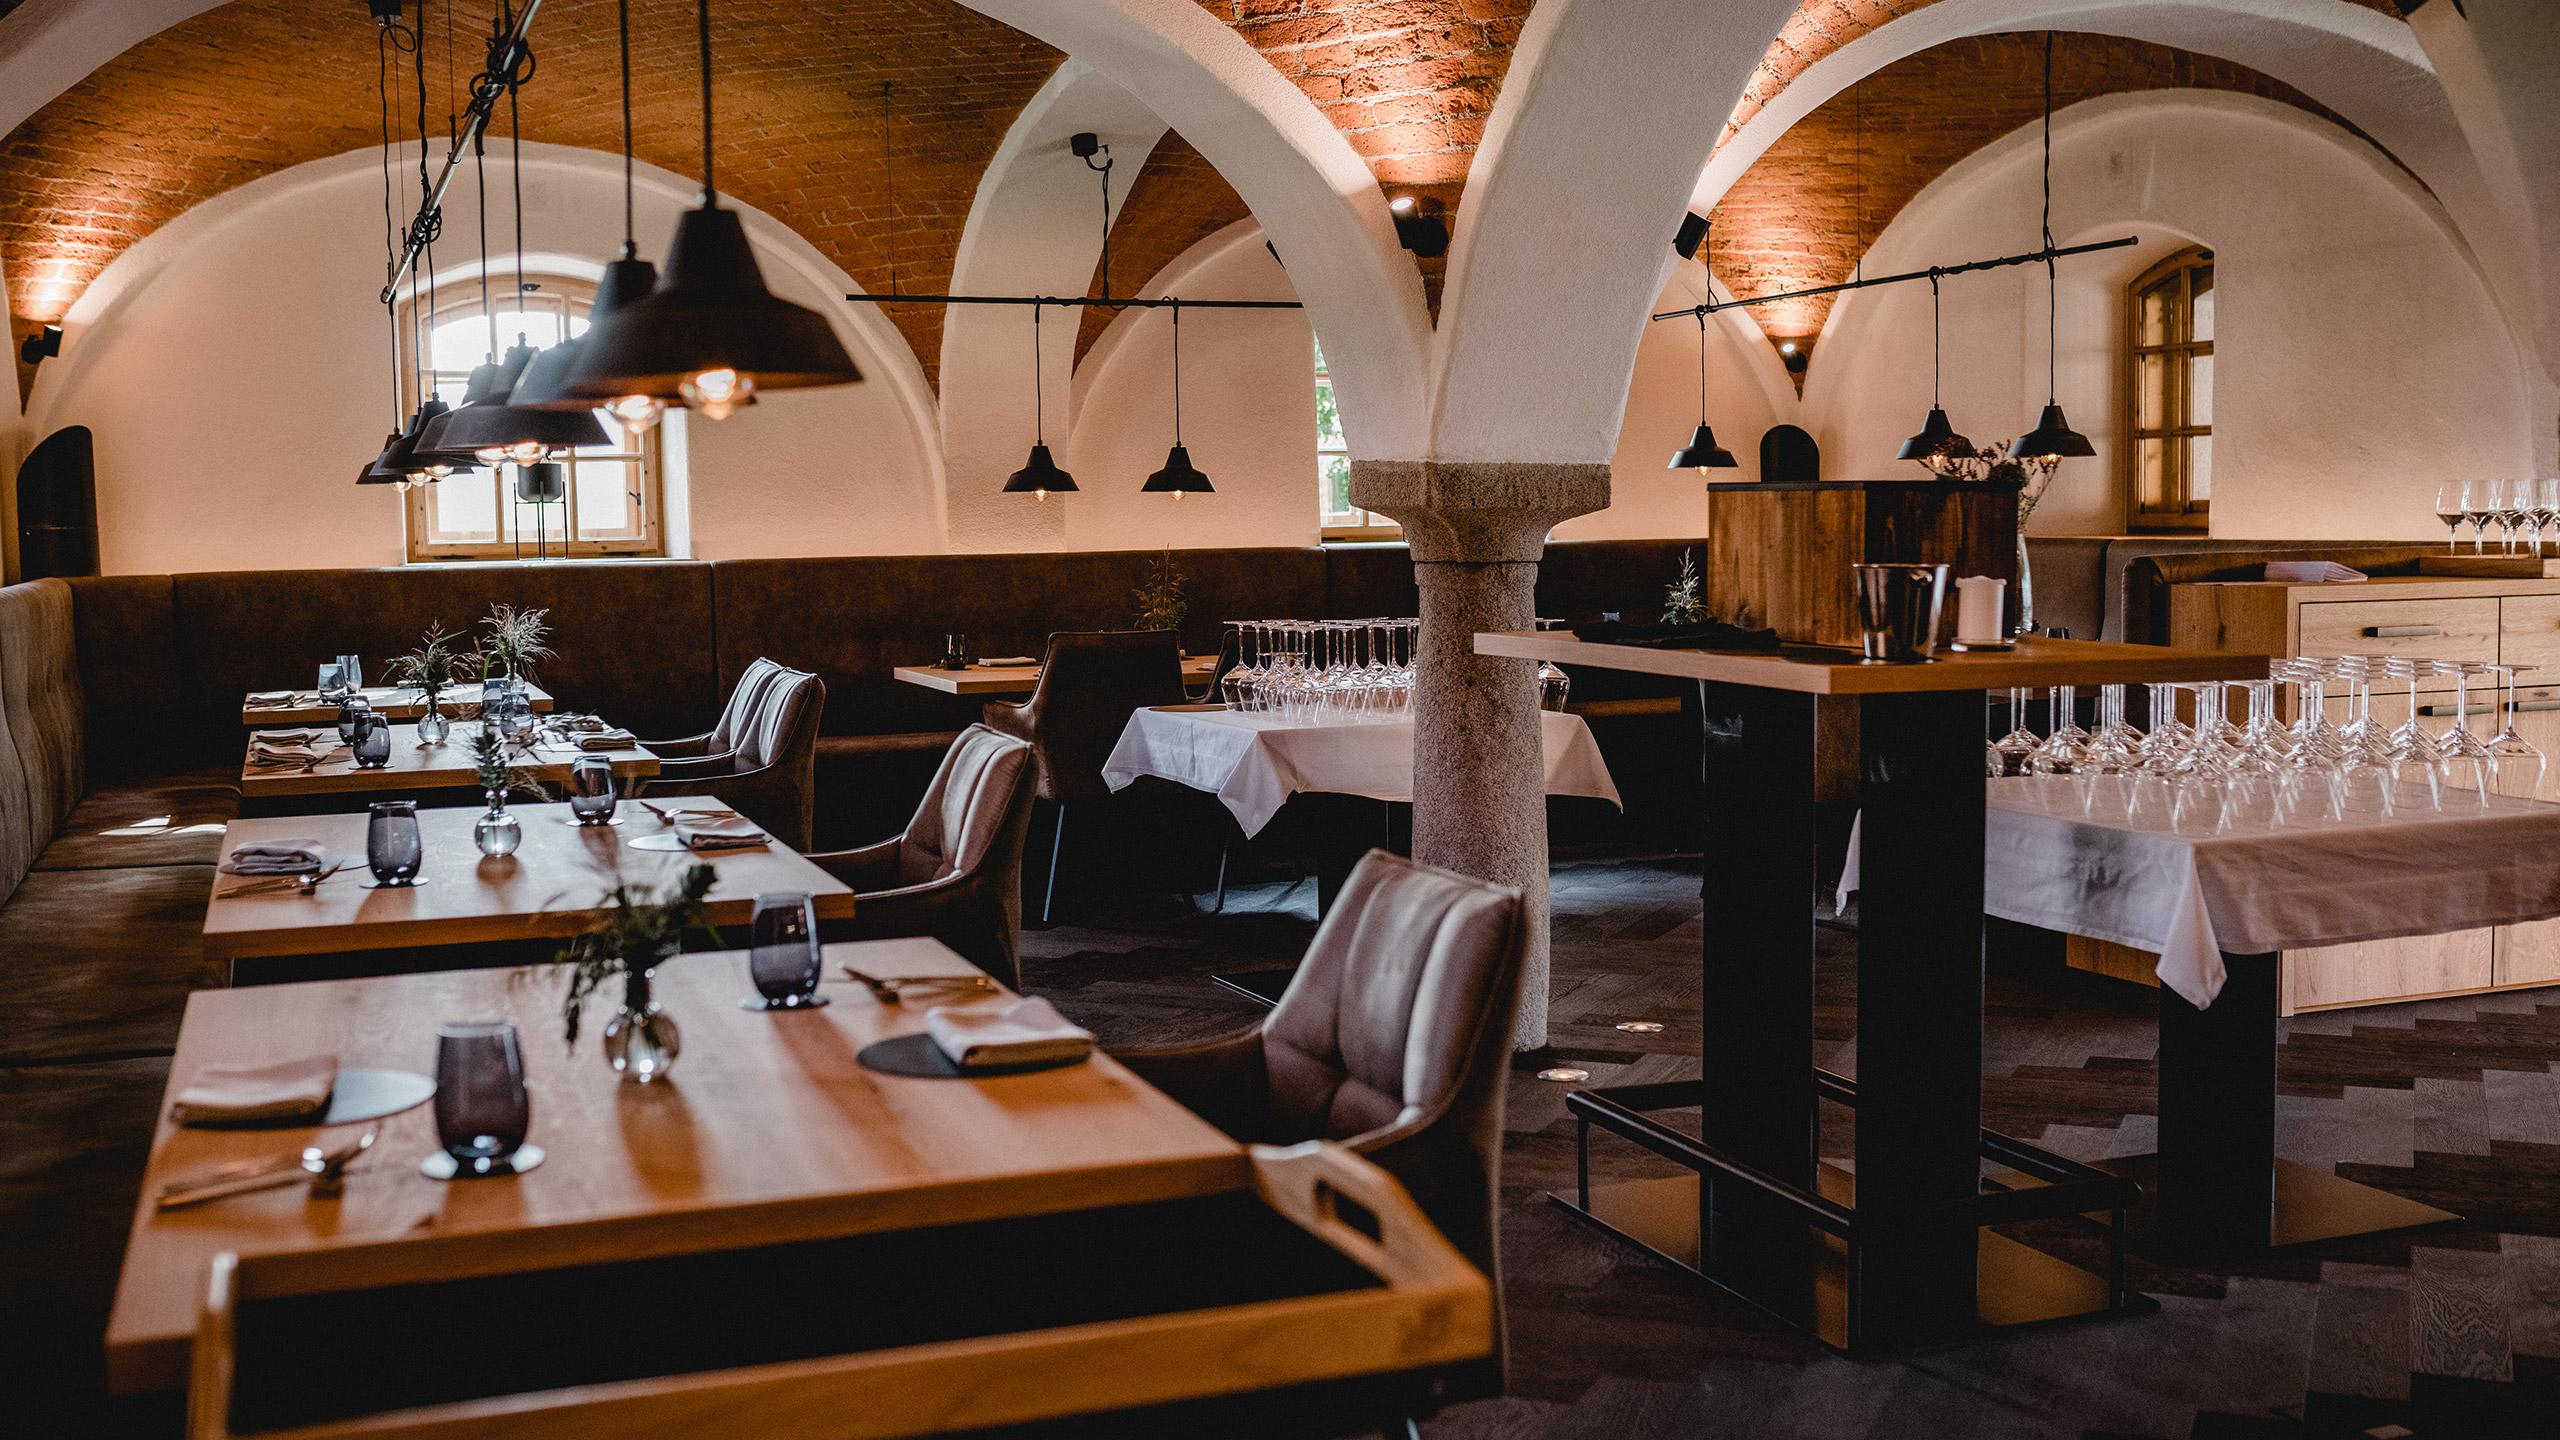 kammer5-image-restaurant-2101@2x-1